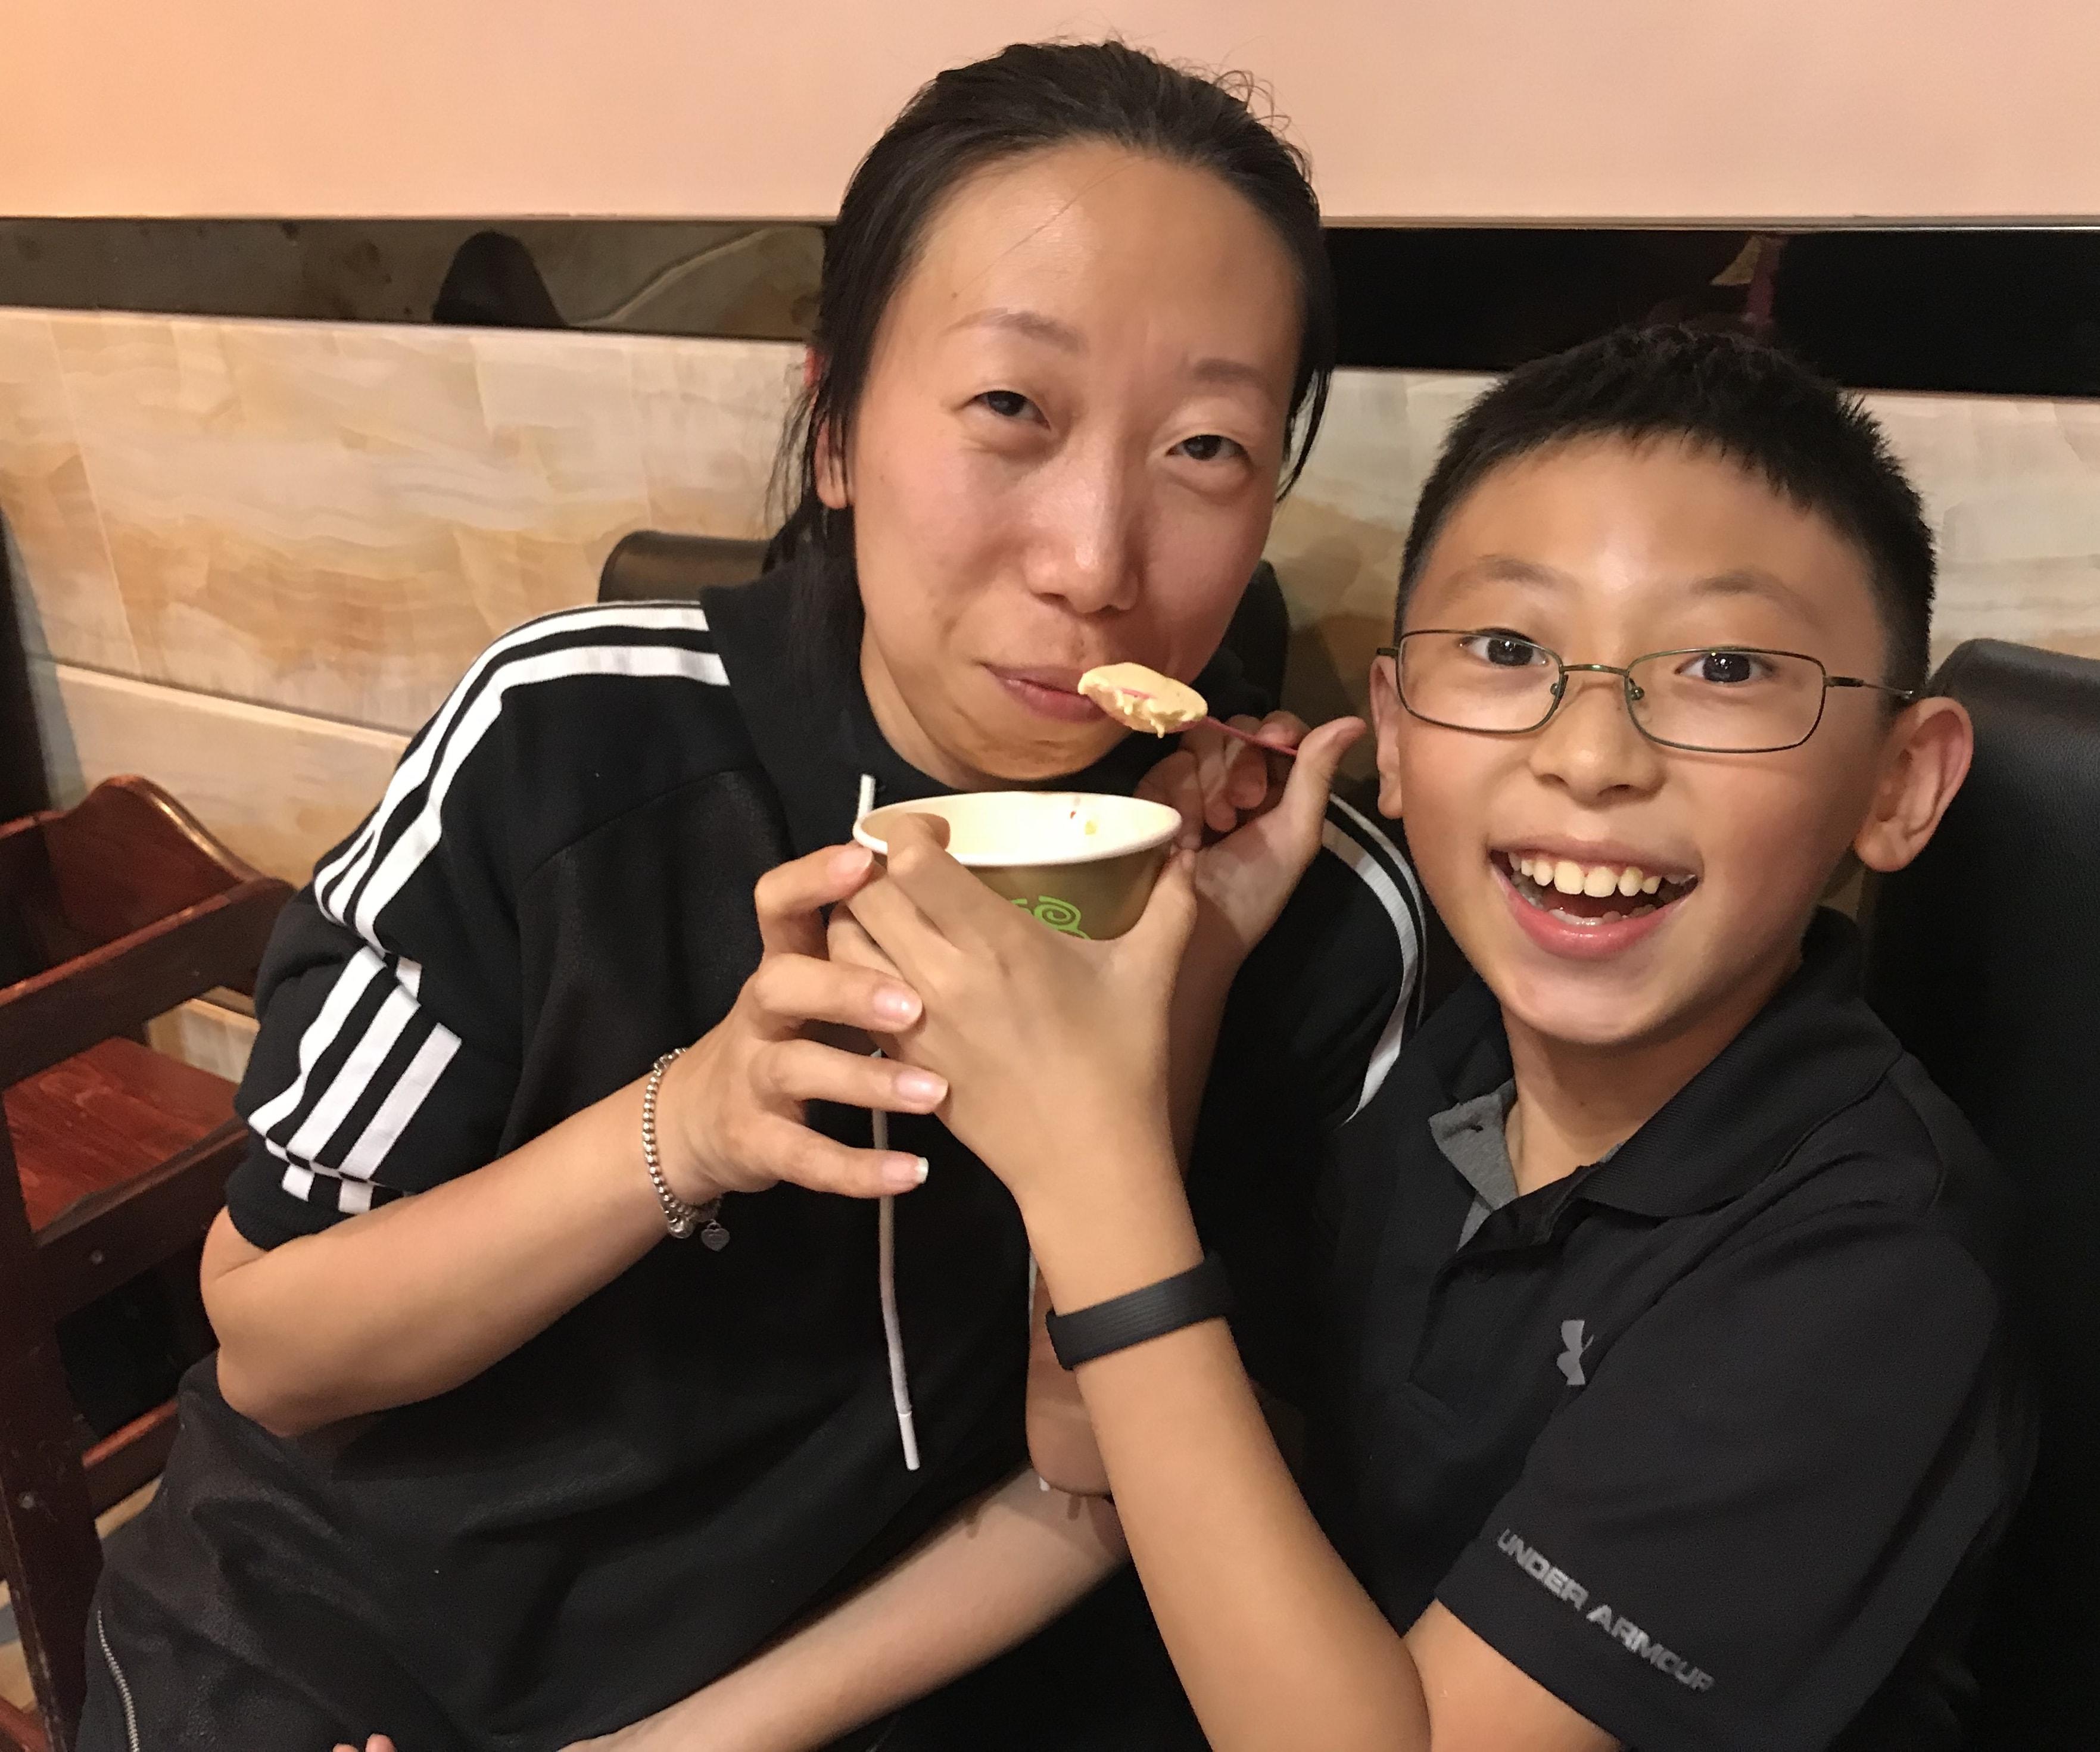 兒子Kevin: 媽媽請你吃一口我最愛的冰淇淋 媽媽紅玲:so sweet !謝謝兒子 by網友馬先勇